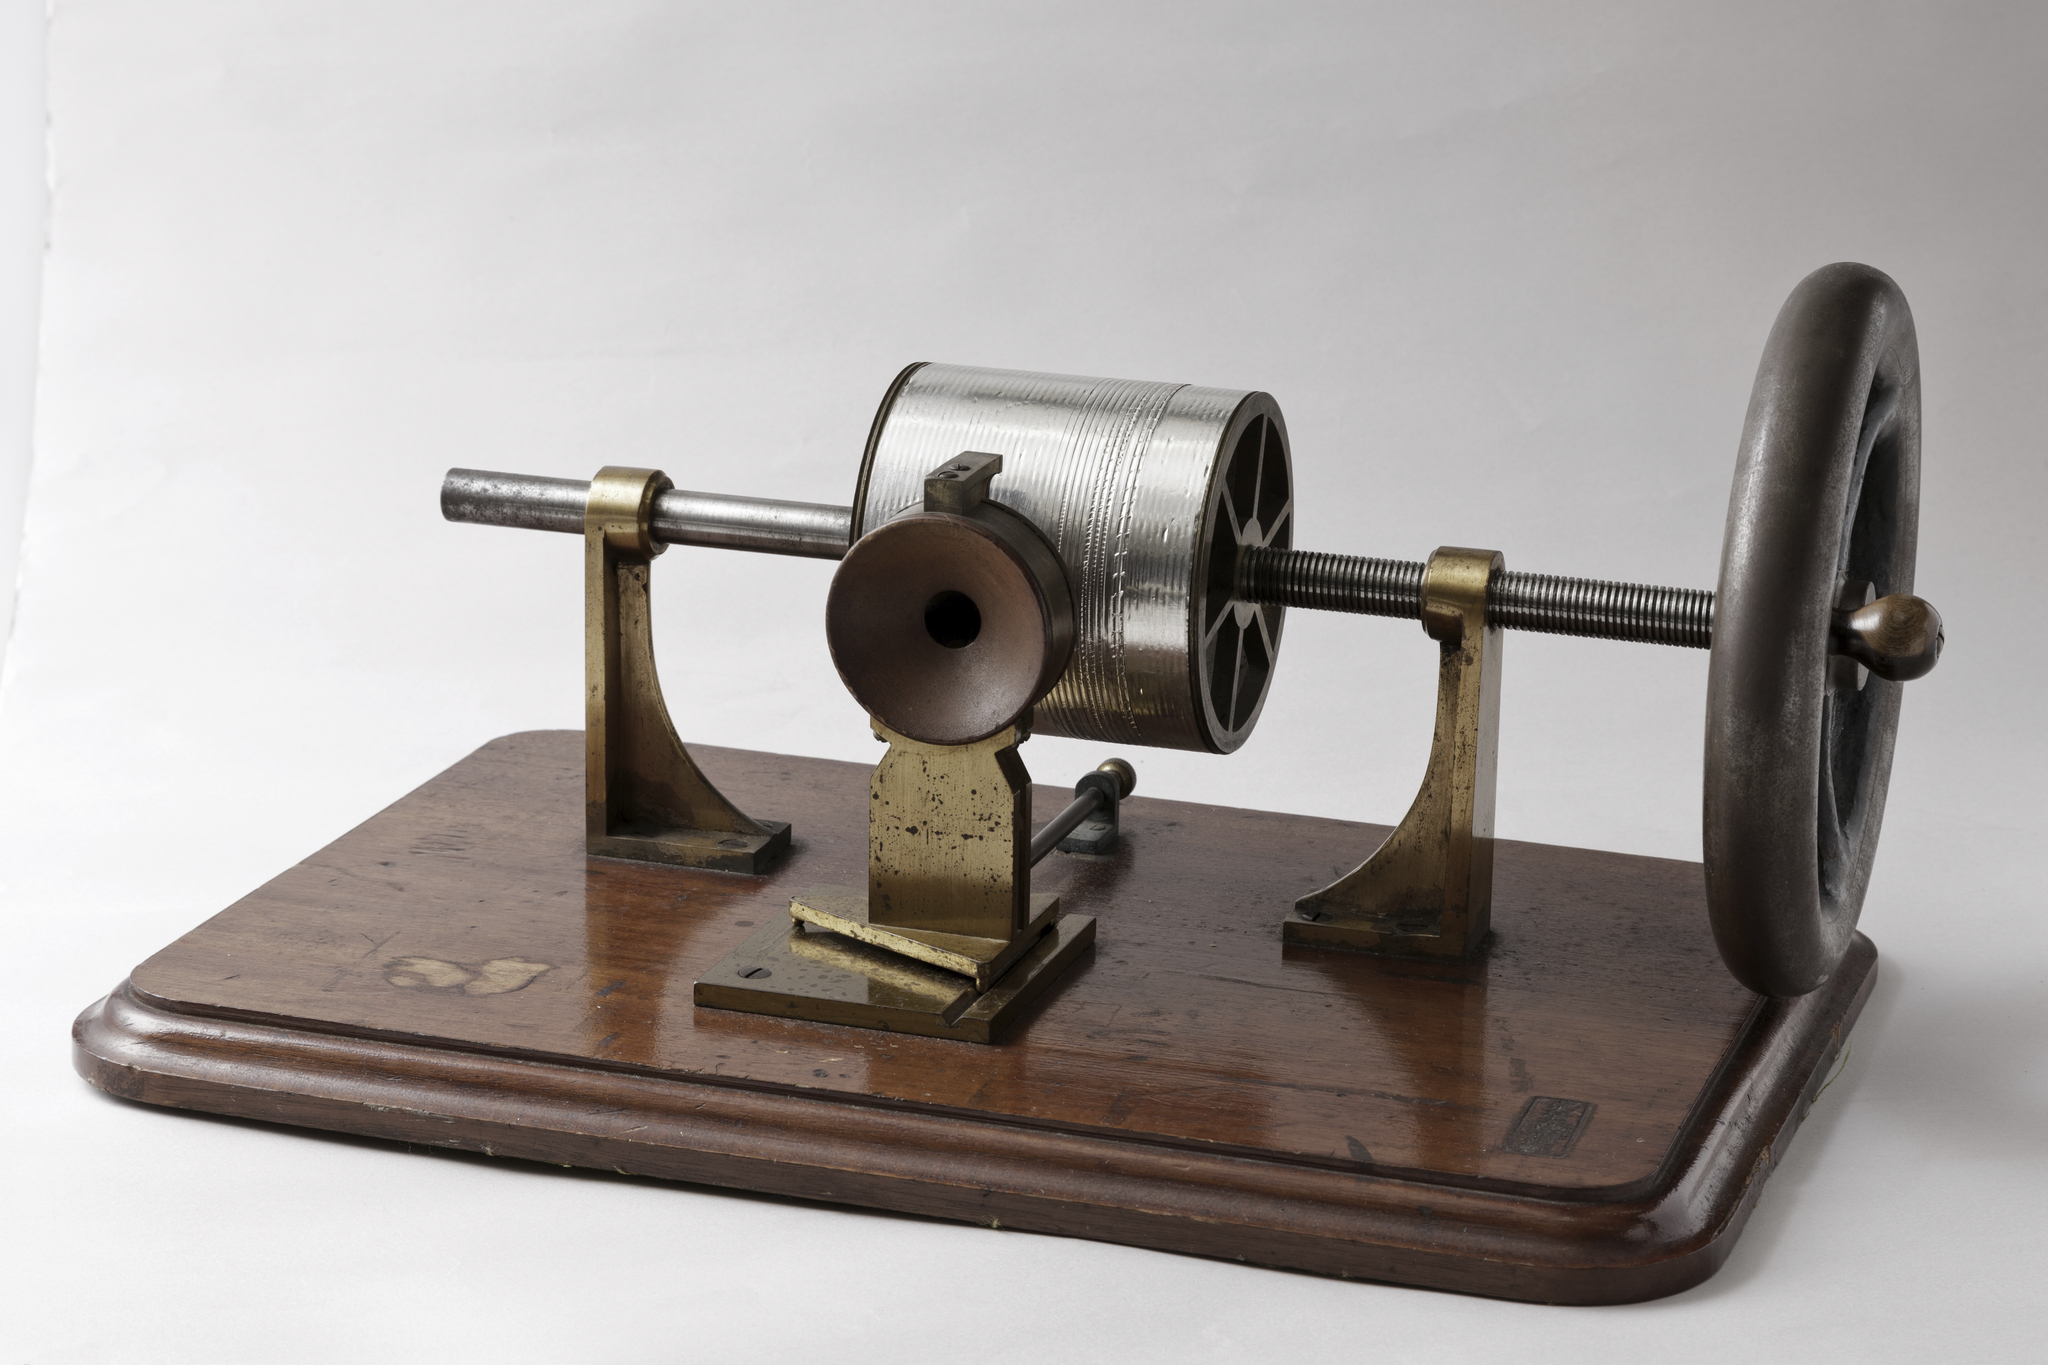 「日本を変えた千の技術博」 「蘇言機」 所蔵:国立科学博物館